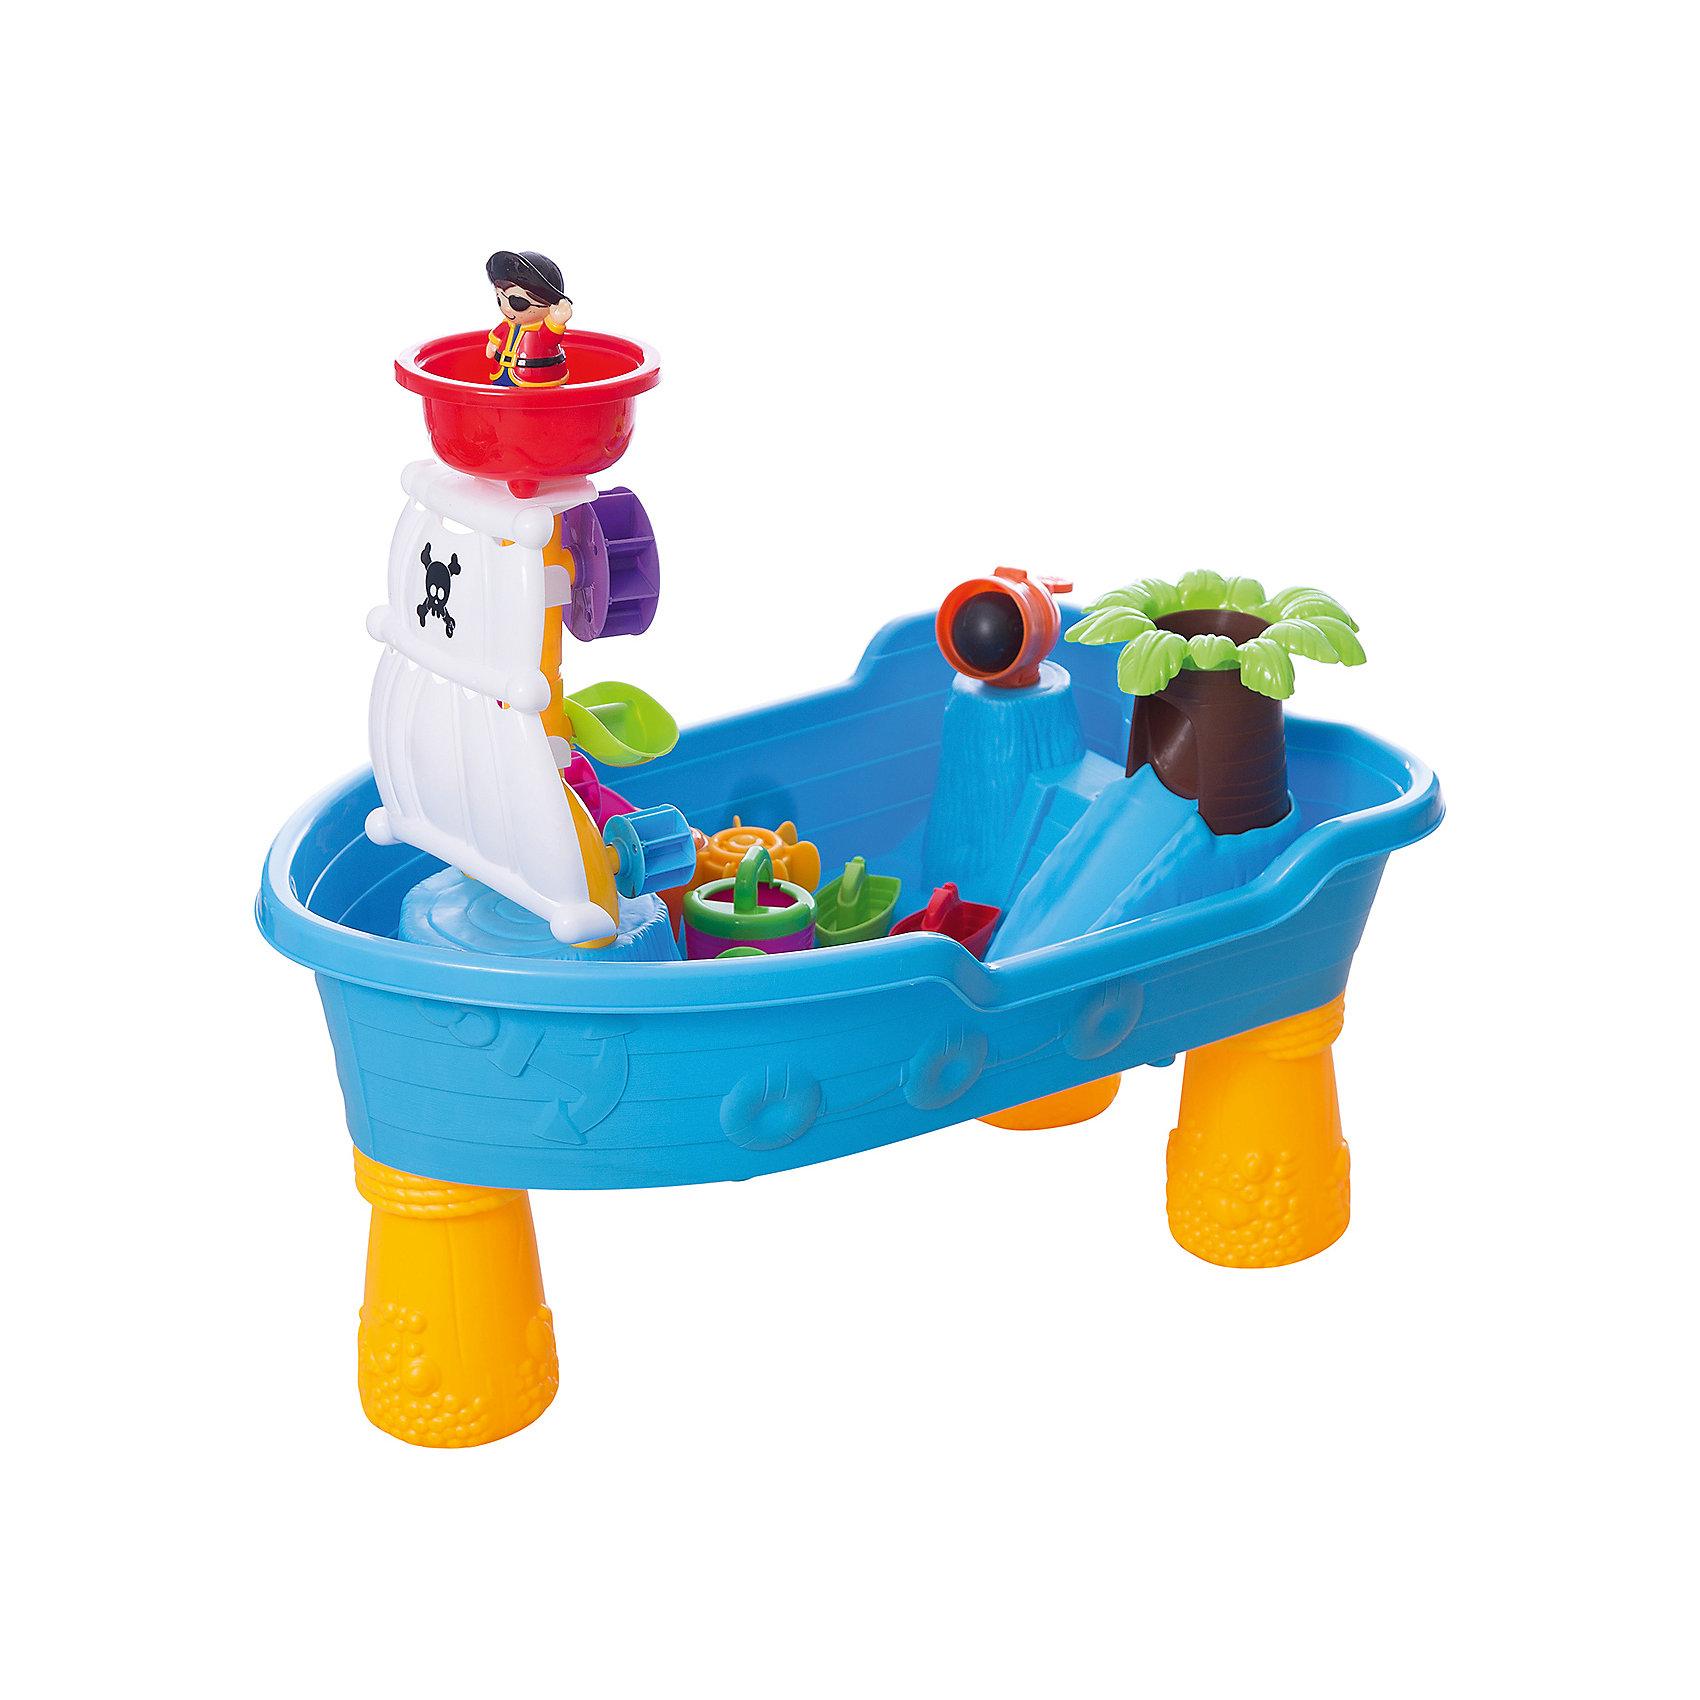 Набор для игры с песком, 12 предметов, Toy TargetНабор для игры с песком, Toy Target – этот яркий набор надолго увлечет вашего ребенка.<br>Набор для игры с песком обязательно приведет в восторг вашего кроху. Набор очень легко собирается - нужно лишь прикрутить пластиковые ножки к пиратскому кораблю-столешнице и получится удобное пространство для интересных и полезных игр. Ваш малыш сможет на свой вкус размещать предметы, строить замок, домик, мельницу, ворота и многое другое. Игры с песком не только интересны, они развивают мелкую моторику, тактильные ощущения, фантазию, снимают нервное напряжение. Набор выполнен из высококачественного прочного пластика, легко собирается и разбирается, занимает мало места при хранении и транспортировке; его можно брать с собой на дачу или пикник.<br><br>Дополнительная информация:<br><br>- В комплекте: столешница в виде корабля и 3 ножки; пальма с горочкой (4 детали); водяная (песочная) мельница; лопасти; 2 ворота-загородки; мостик; башни Замка (можно использовать как формочки) и паруса; пушка с бомбой; фигурка пирата и черепашки; черпачок; леечка; 2 кораблика; ведерко<br>- Материал пластмасса<br>- Размер: 60х38х28 см.<br>- Артикул 44006.<br><br>Набор для игры с песком, Toy Target можно купить в нашем интернет-магазине.<br><br>Ширина мм: 600<br>Глубина мм: 280<br>Высота мм: 380<br>Вес г: 2200<br>Возраст от месяцев: 36<br>Возраст до месяцев: 84<br>Пол: Унисекс<br>Возраст: Детский<br>SKU: 4603656